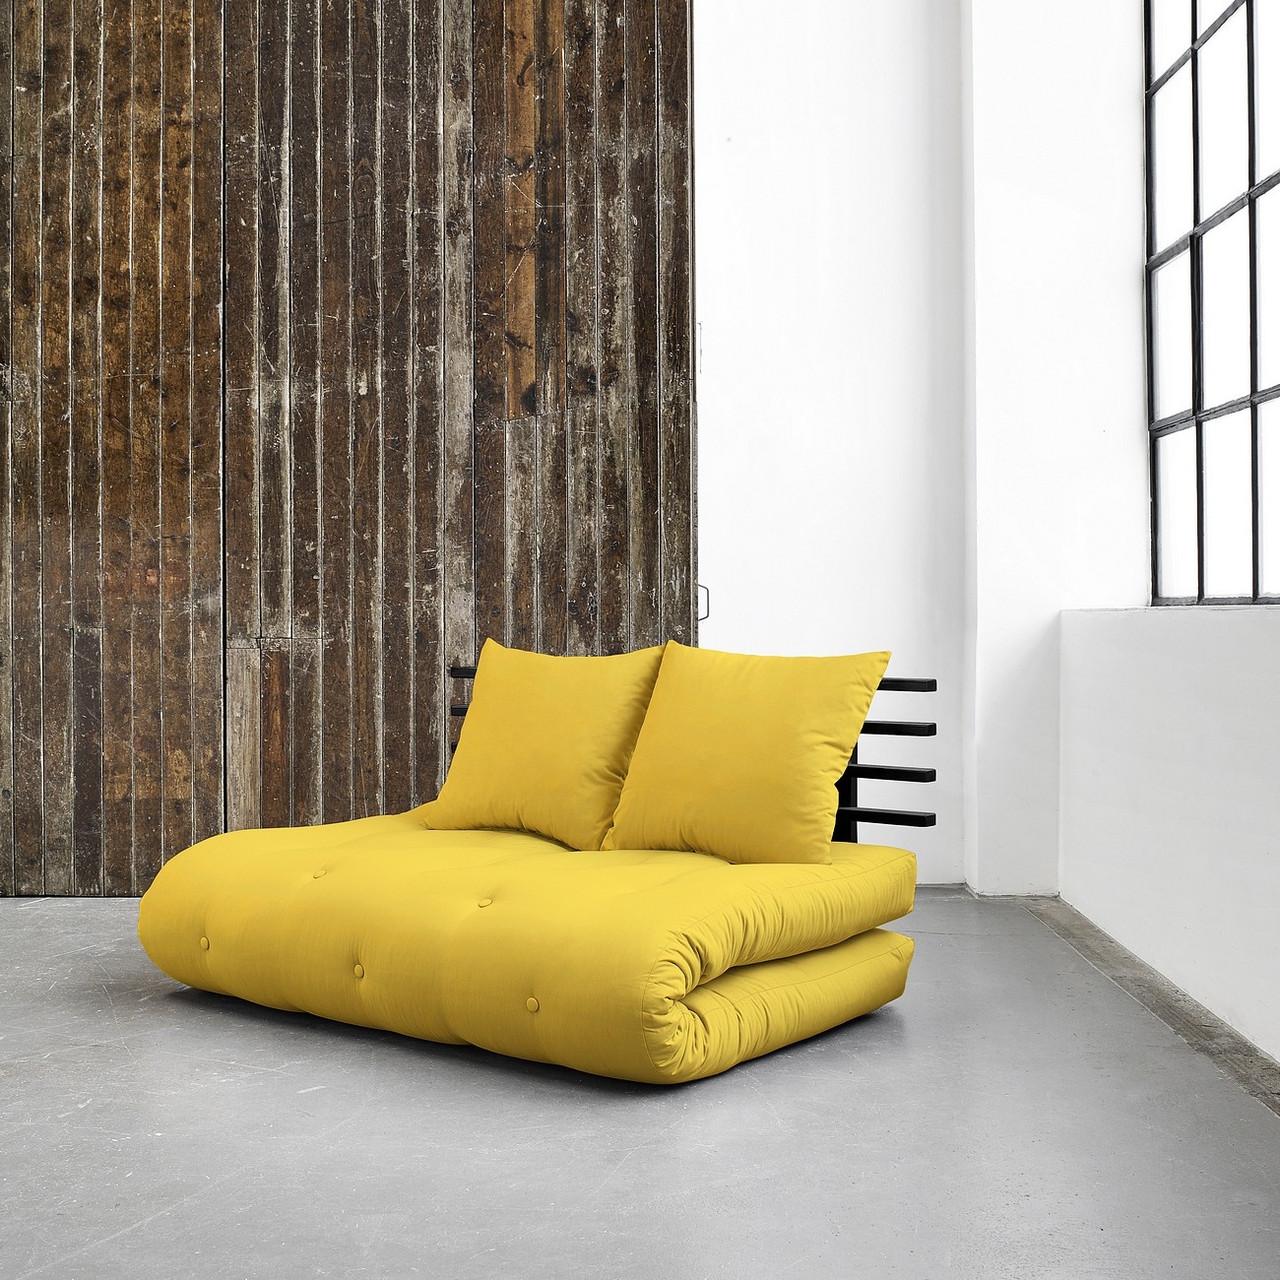 купить раскладной диван кровать цена 3 500 грн купить в киеве